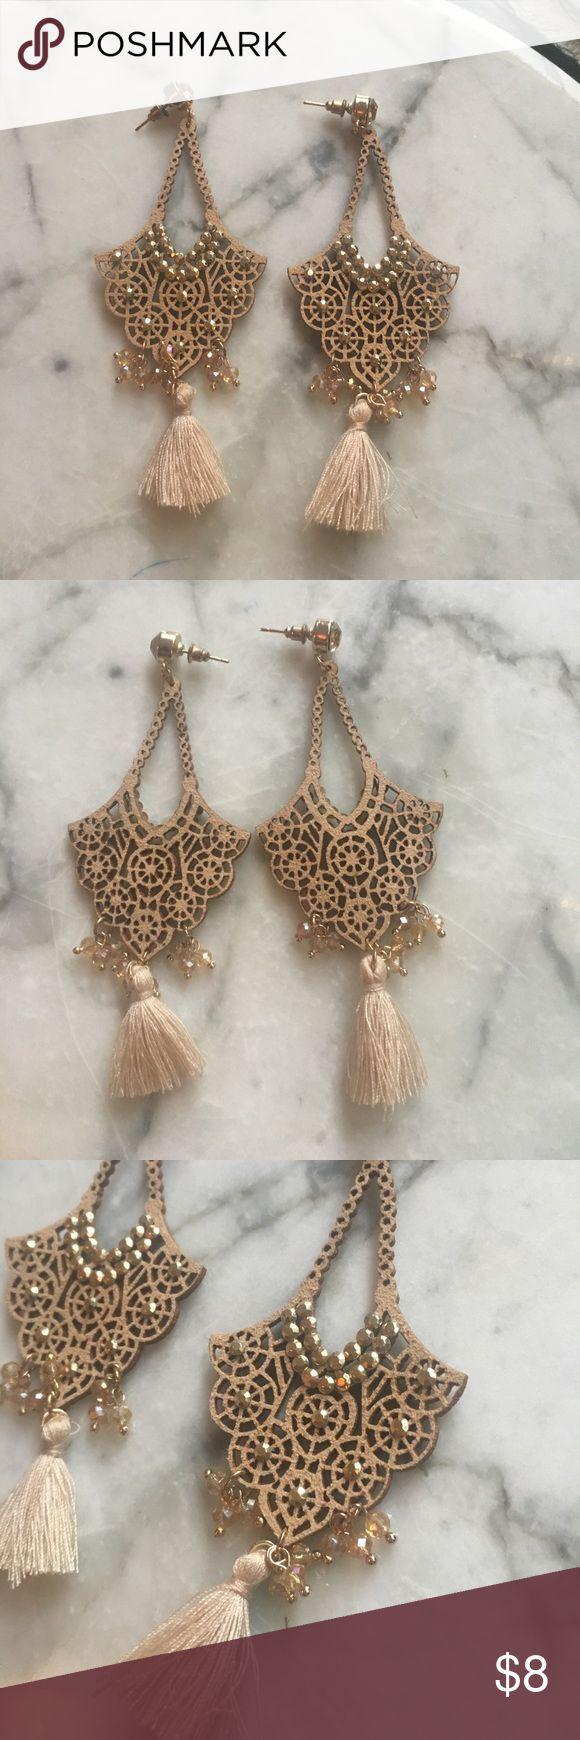 """Gold / Cream Chandelier Drop Statement Earrings Pretty and lightweight. 4"""" in length. Metal backs. Jewelry Earrings"""